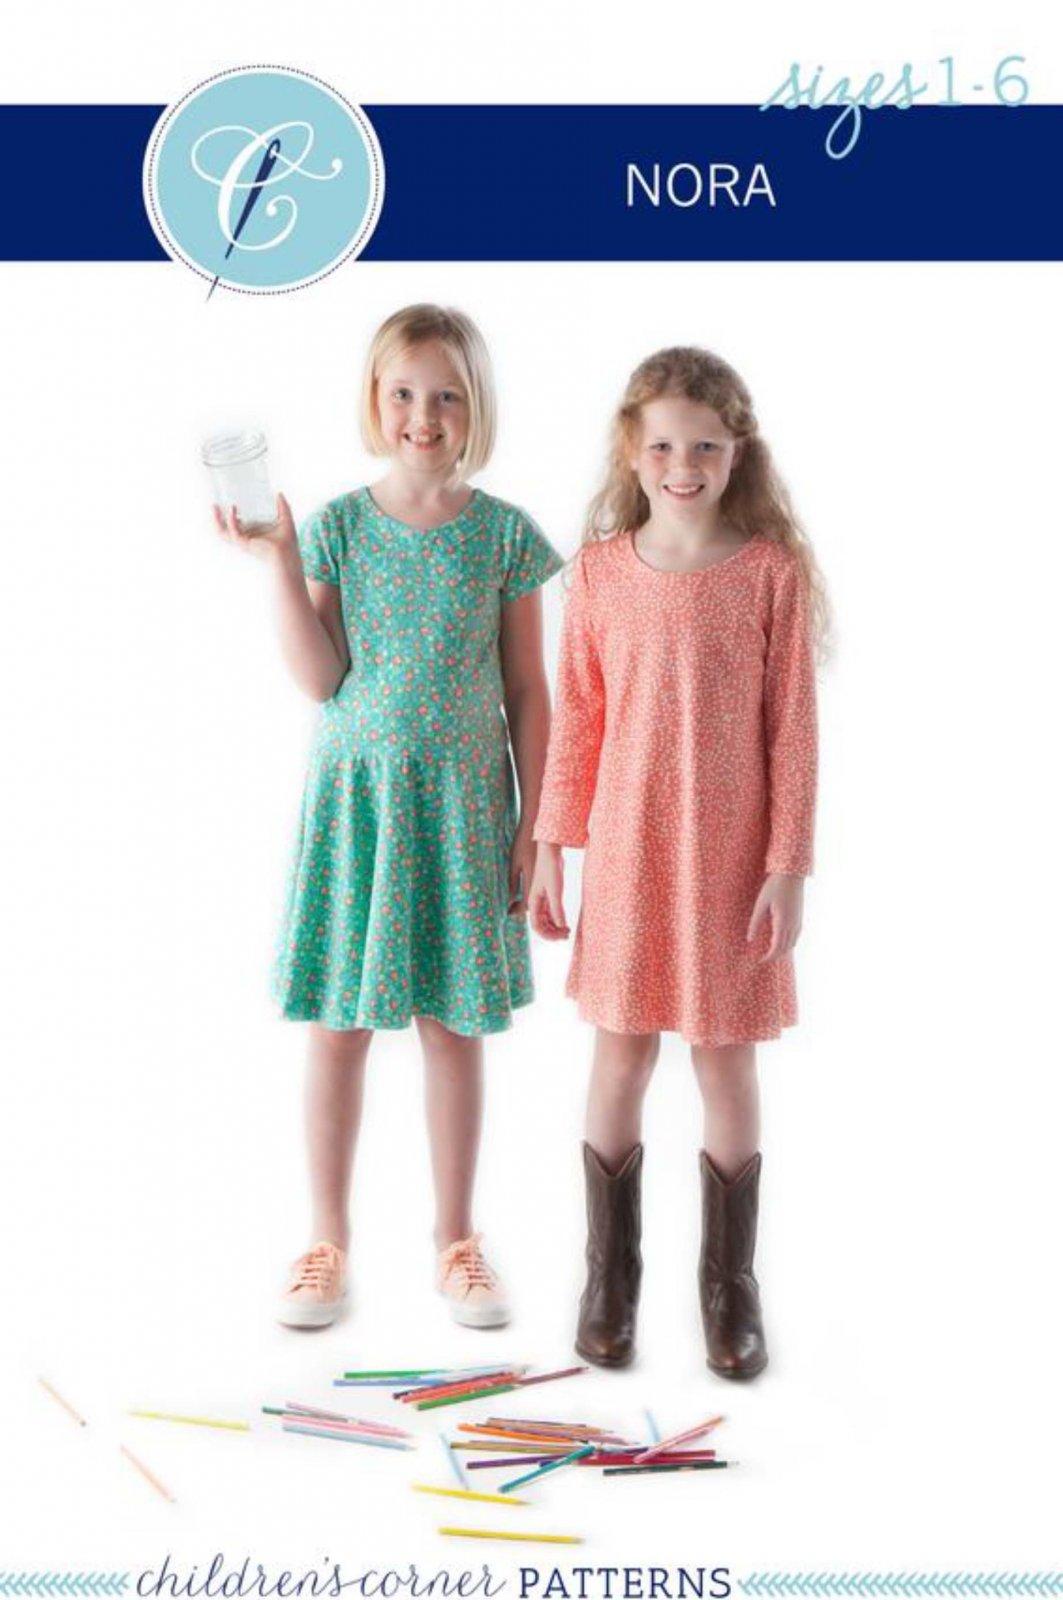 Nora by Children's Corner Patterns Sizes 1-6